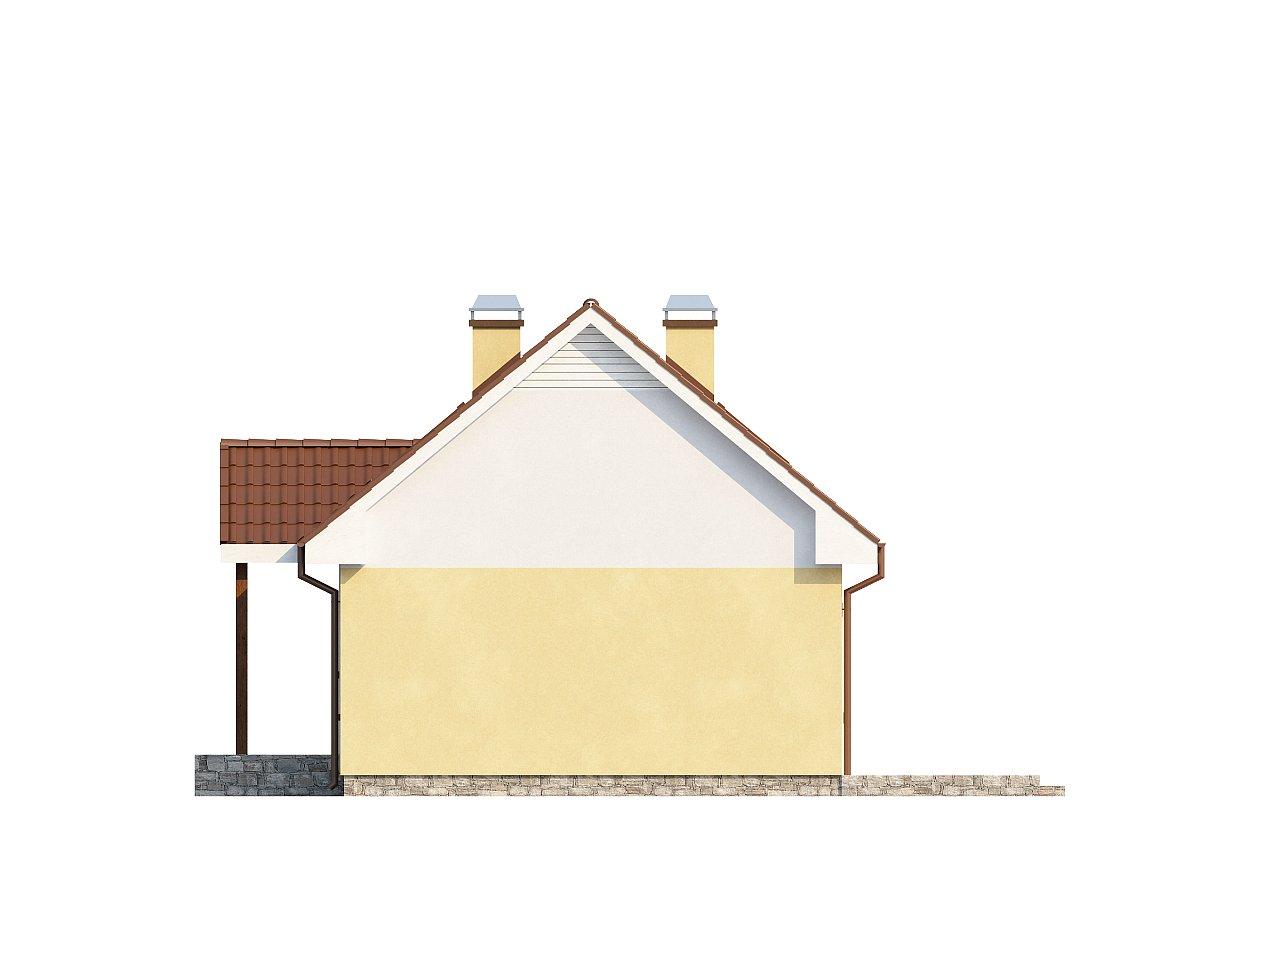 Компактный традиционный дом простой формы с двускатной крышей. 24